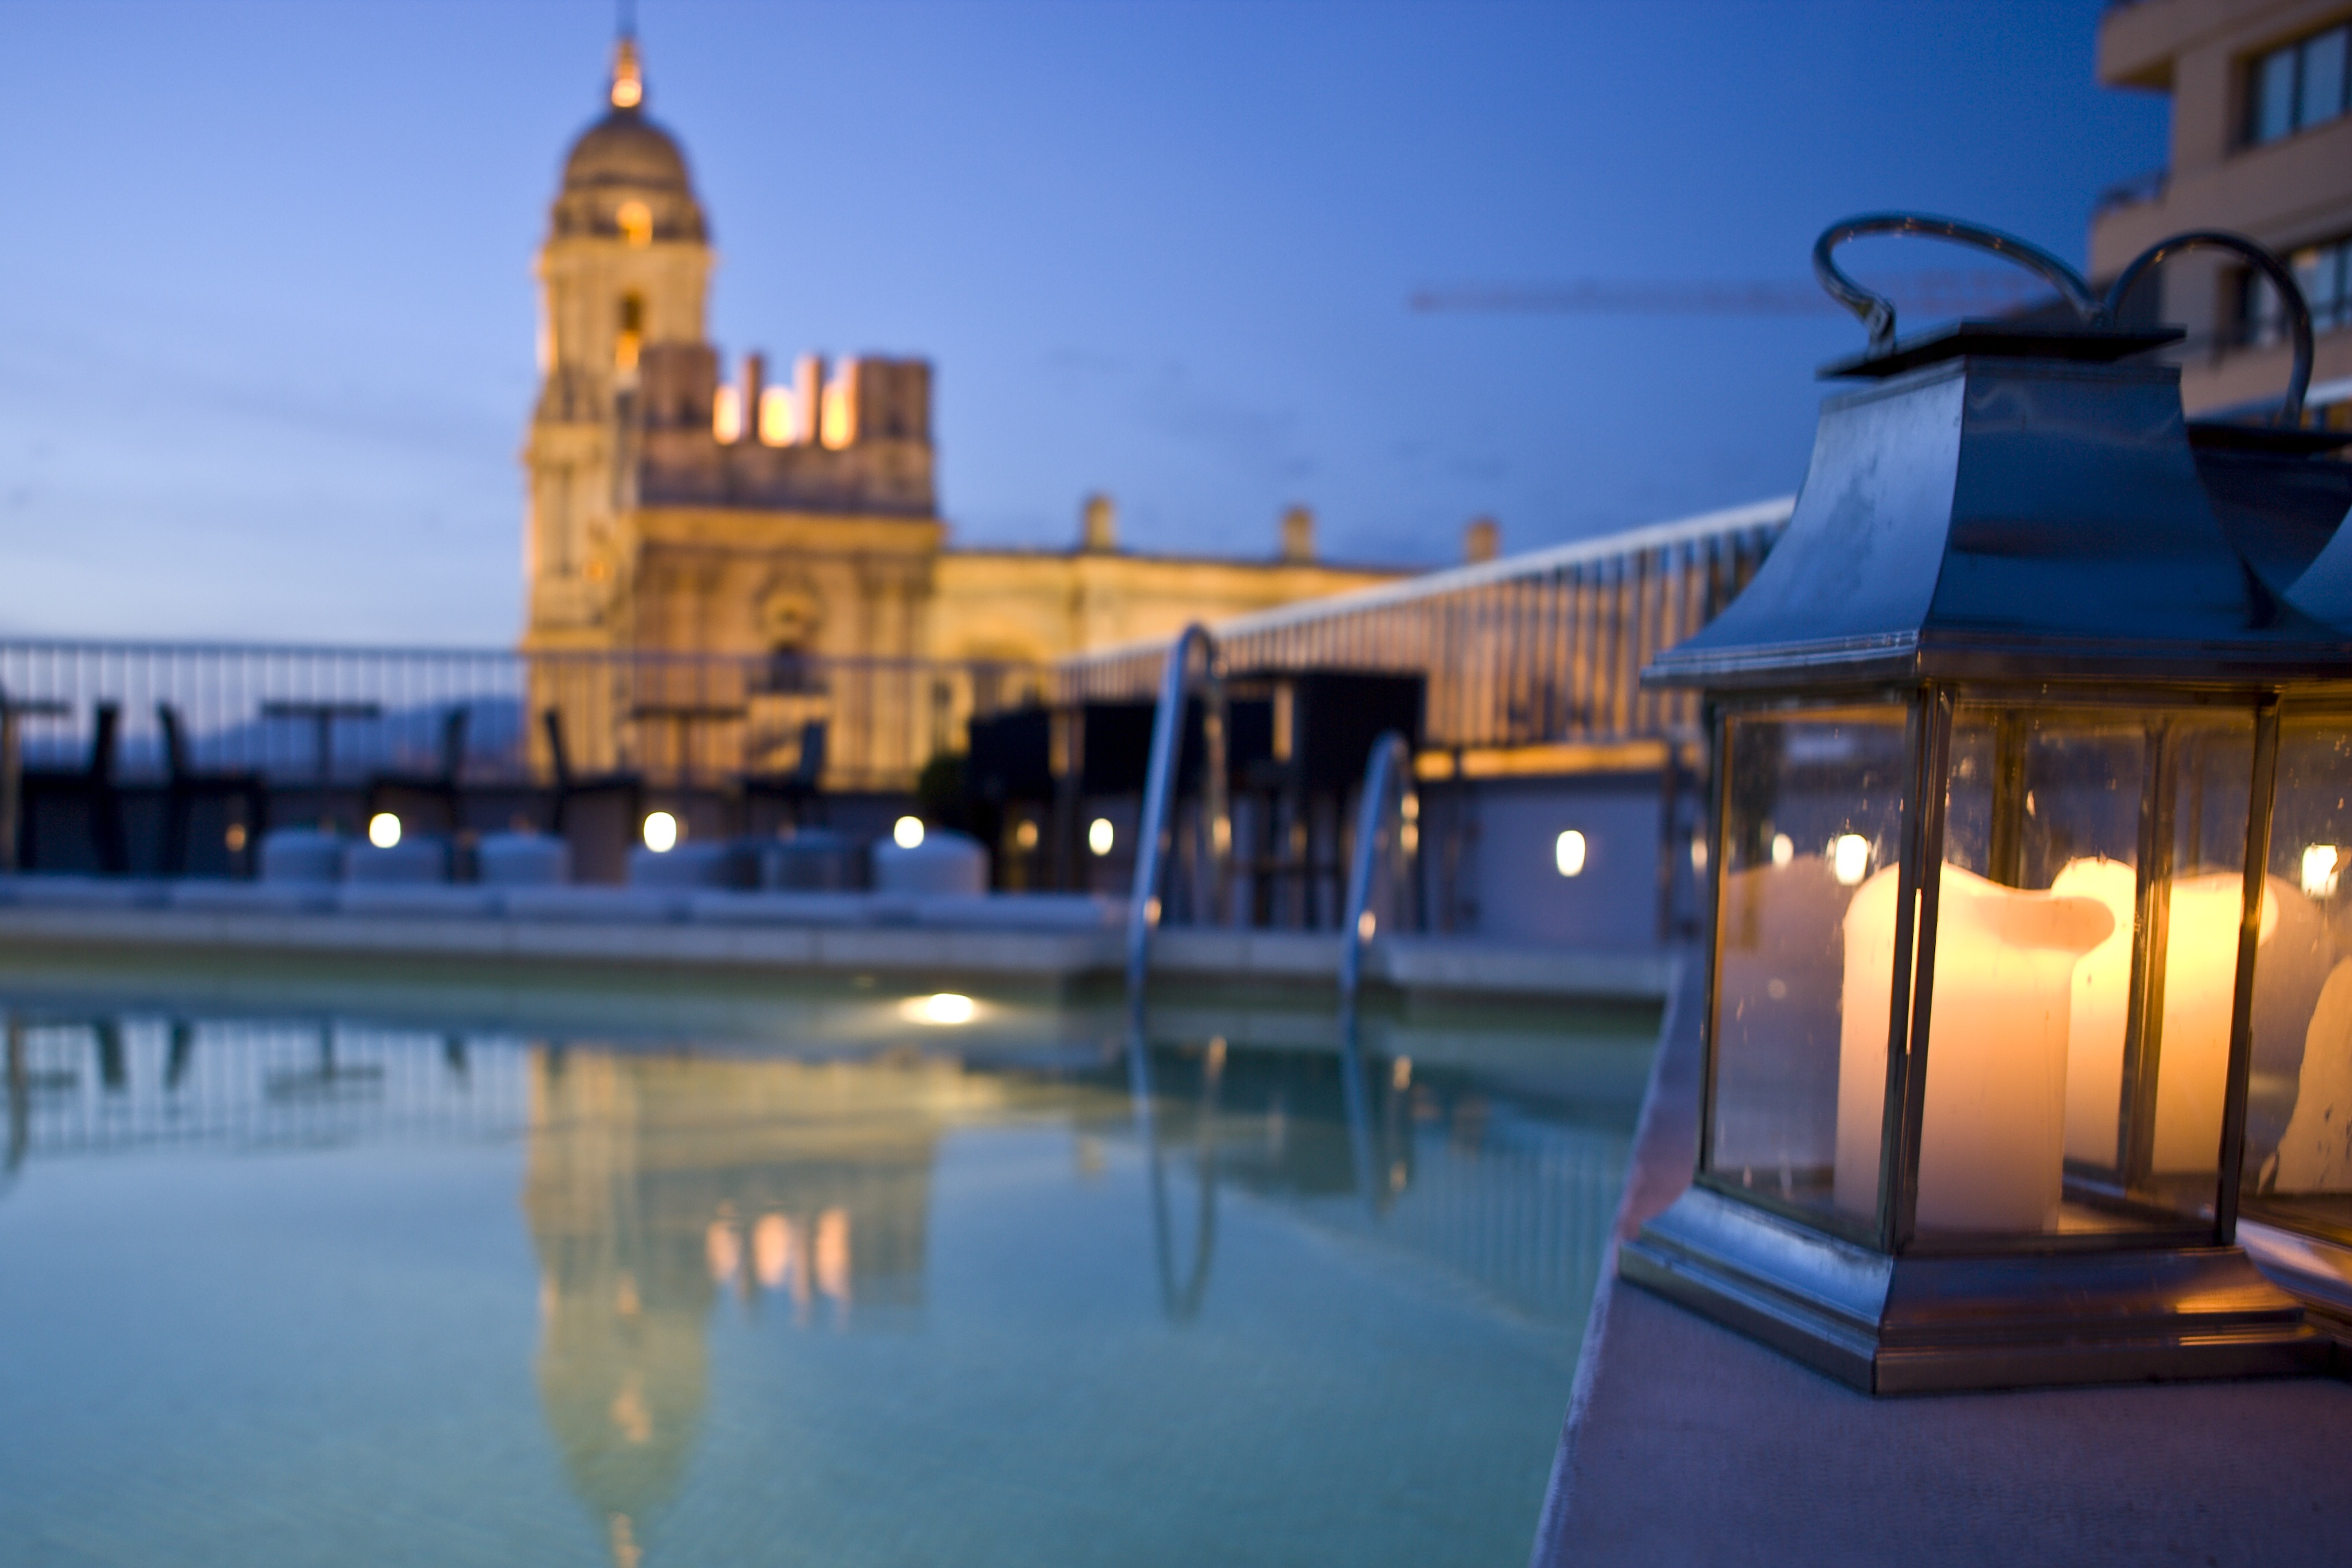 El comparador de precios de hoteles www.trivago.es publica un ranking con los 10 mejores hoteles con piscina en la azotea de España. Para elaborarlo se han tenido en cuenta […]